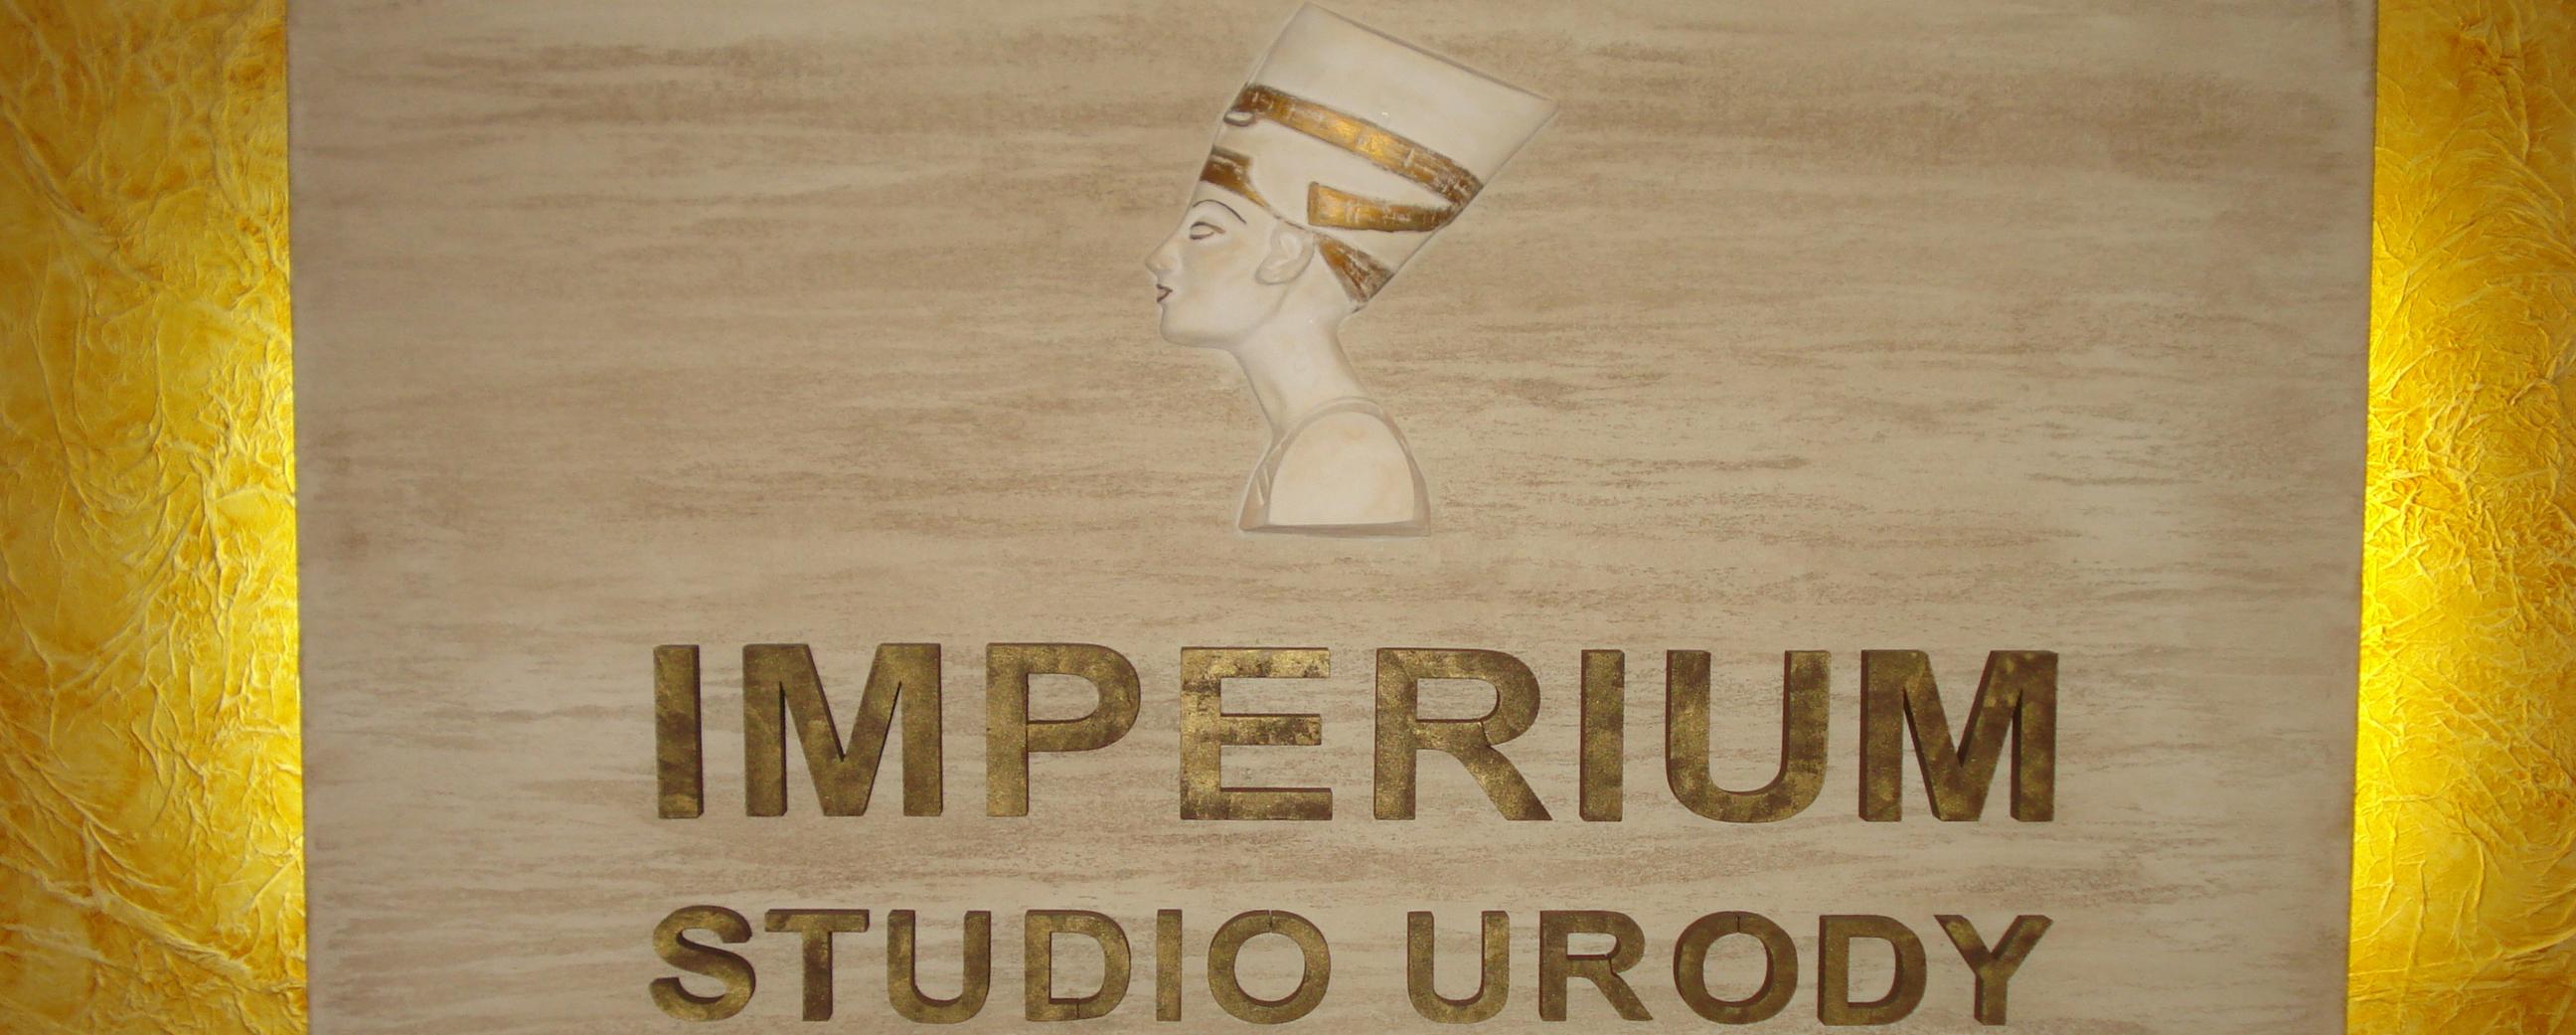 Studio Urody IMPERIUM